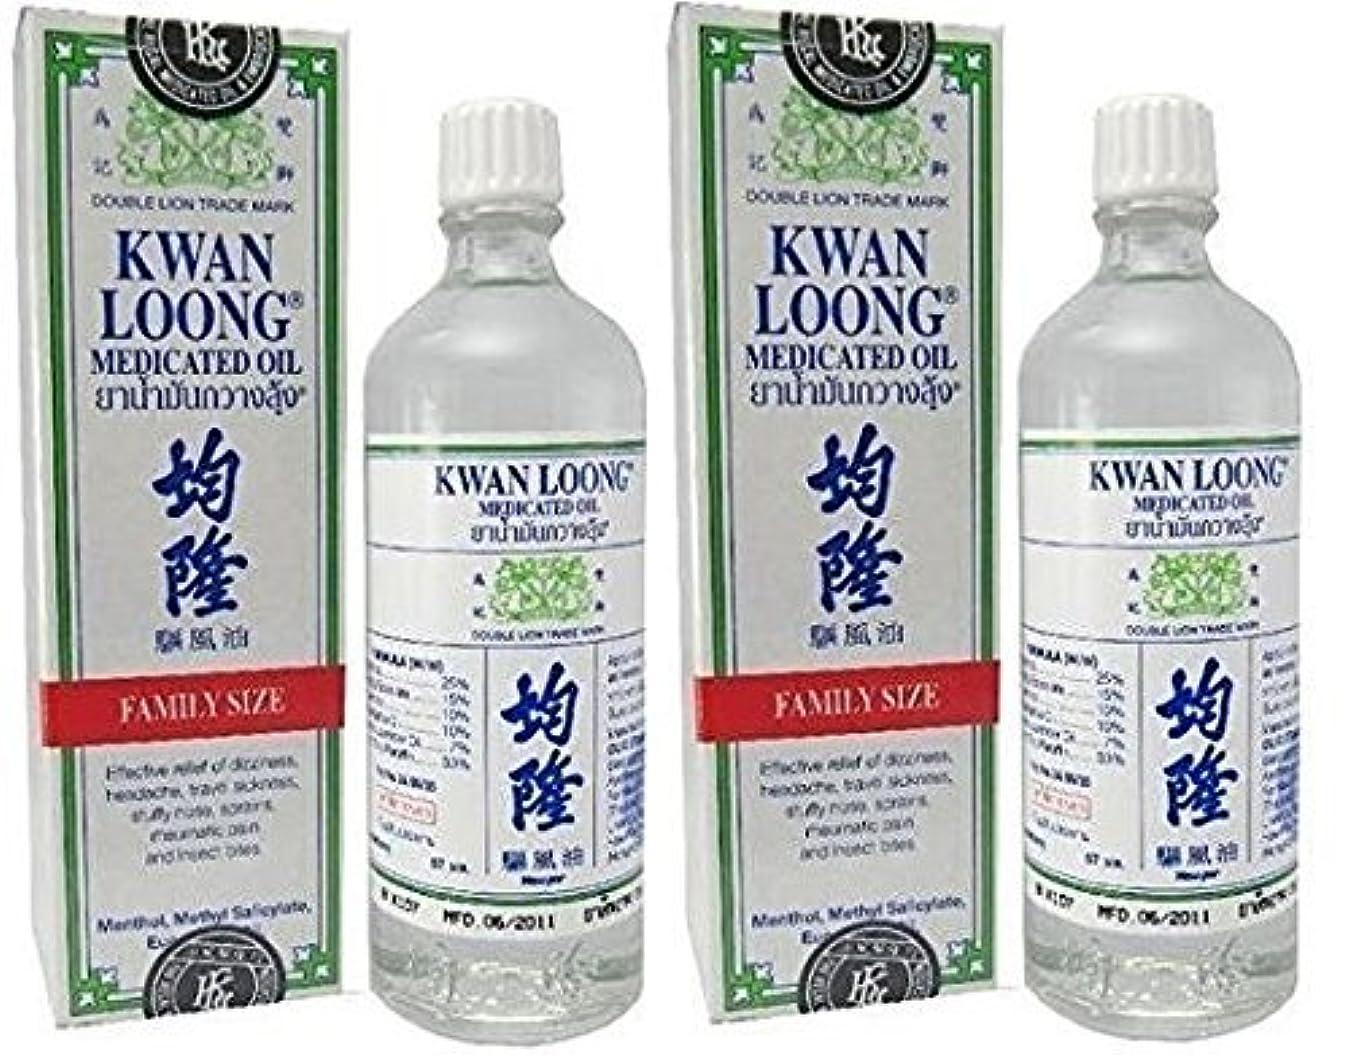 パブ差不要クワンルーン薬用オイル 2 x 57ミリリットル 2 x Kwan Loong Medicated Oil 57ml. Free Shipping.